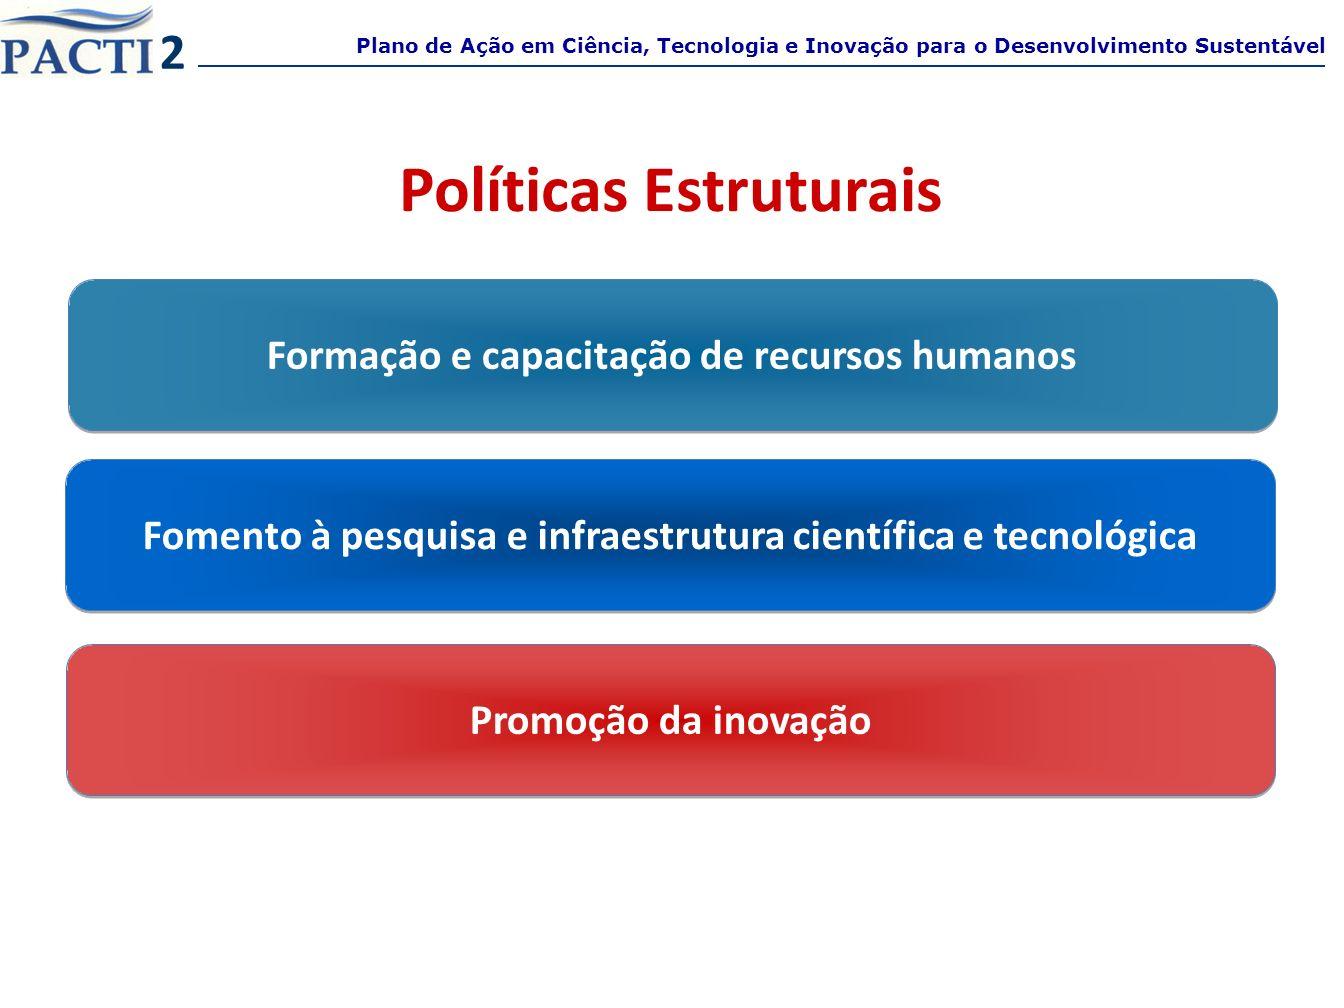 Formação e capacitação de recursos humanos Plano de Ação em Ciência, Tecnologia e Inovação para o Desenvolvimento Sustentável 2 Fomento à pesquisa e i